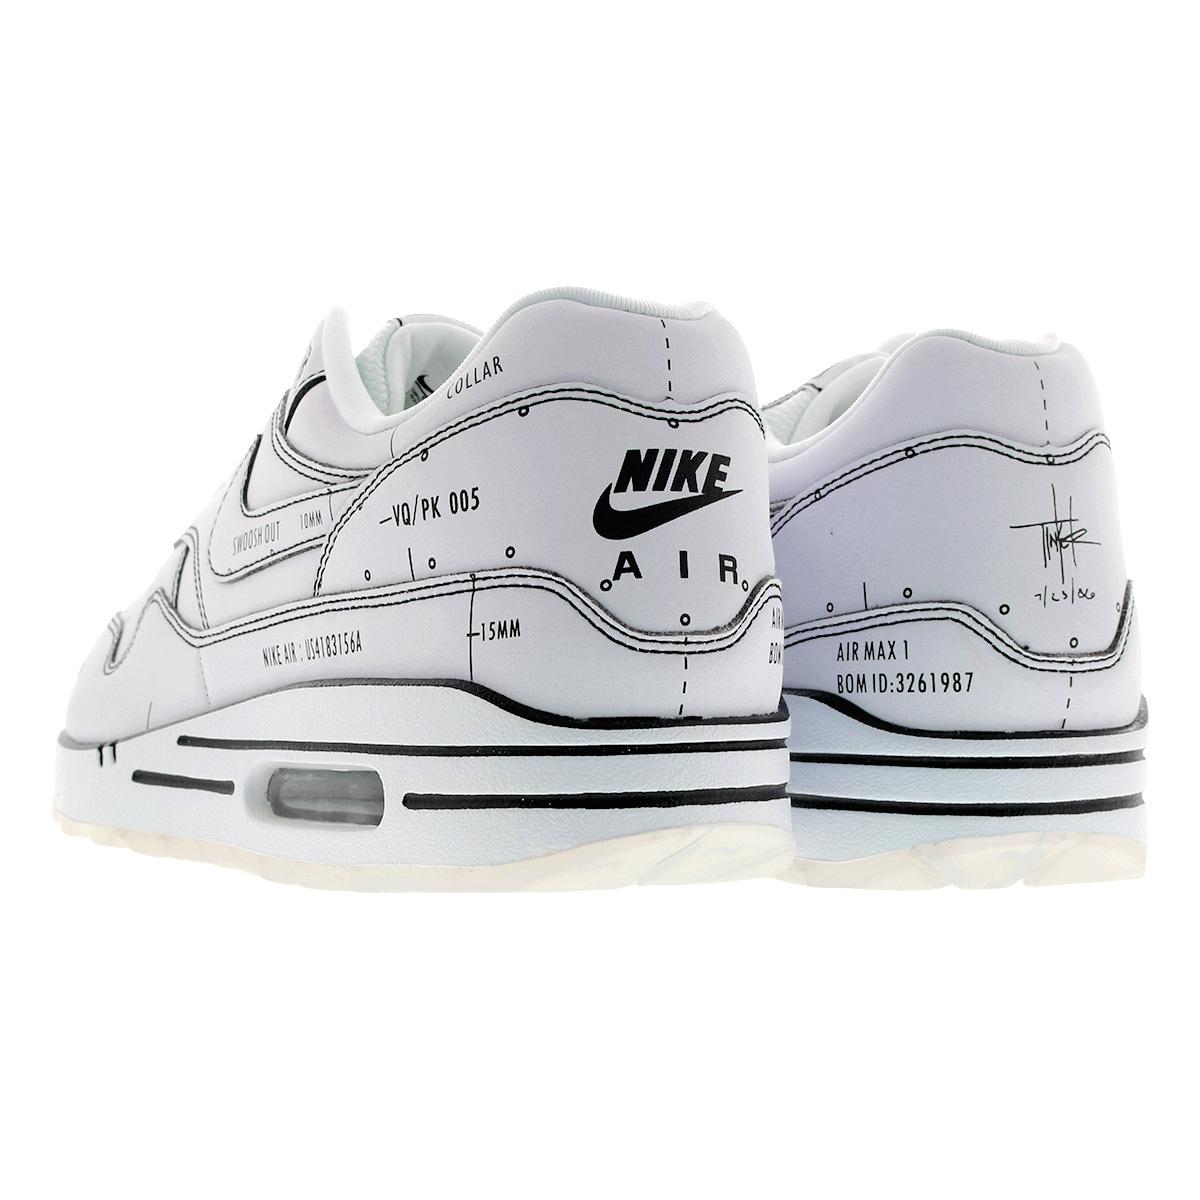 Nike 95 Air Max Og {PK Soft}